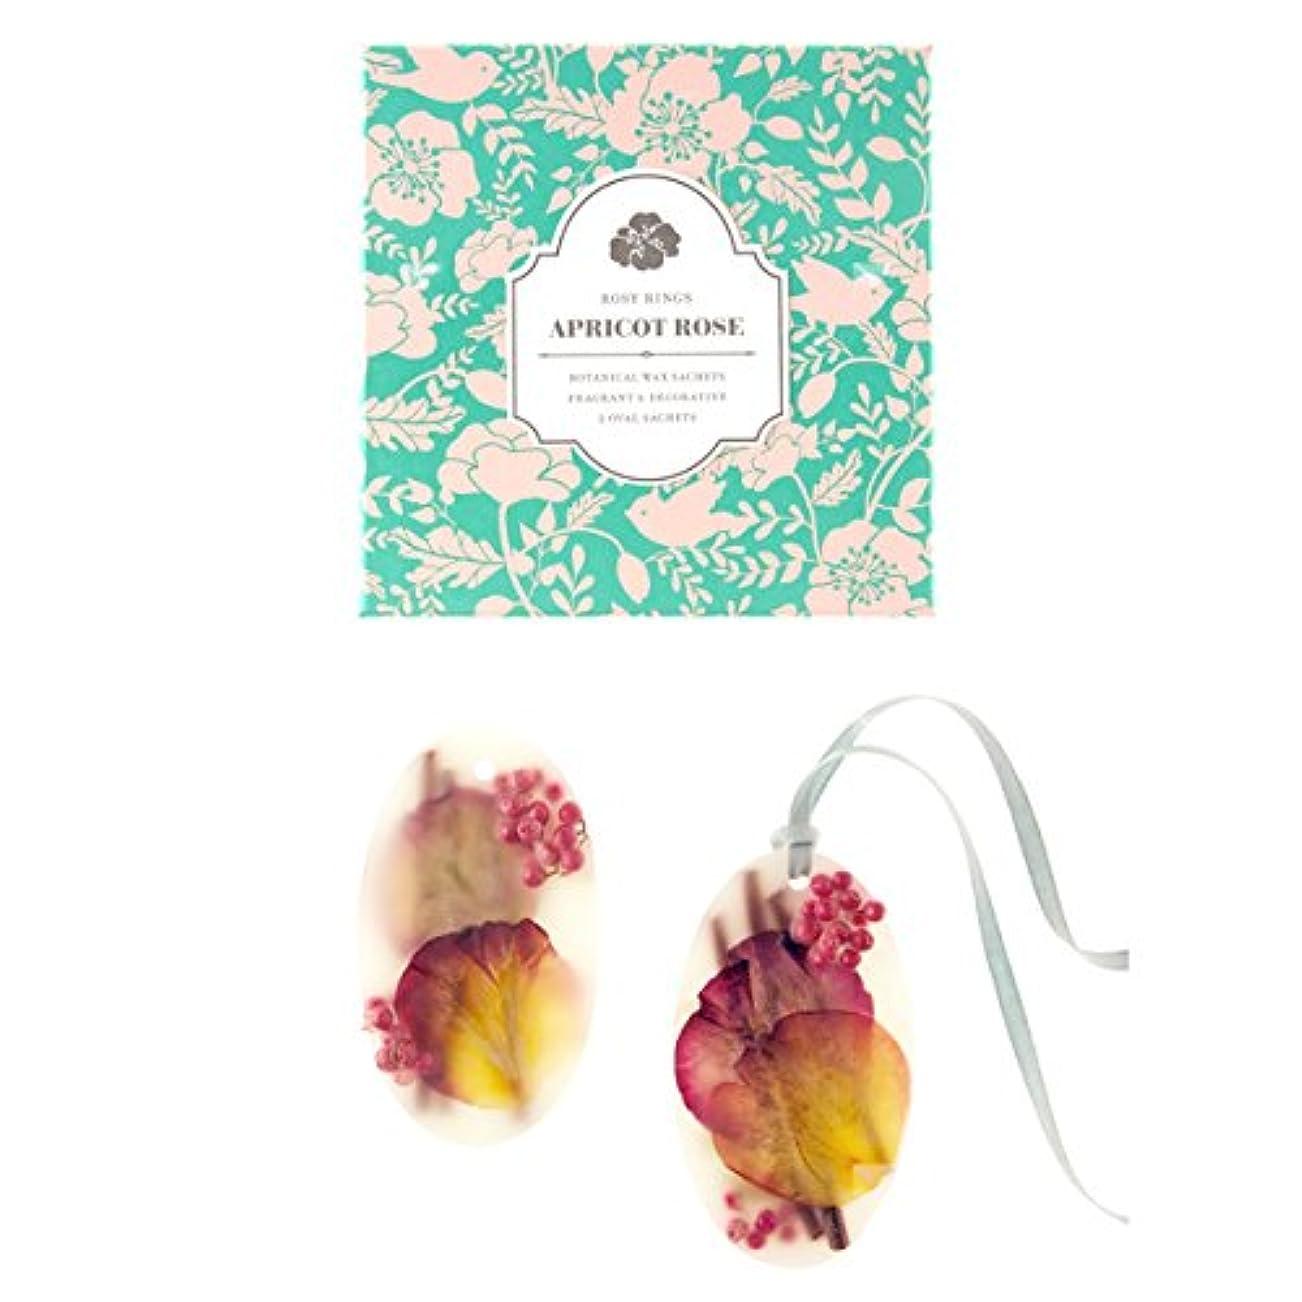 見物人ダメージ輪郭ロージーリングス ボタニカルワックスサシェ オーバル アプリコット&ローズ ROSY RINGS Signature Collection Botanical Wax Sachets – Apricot Rose